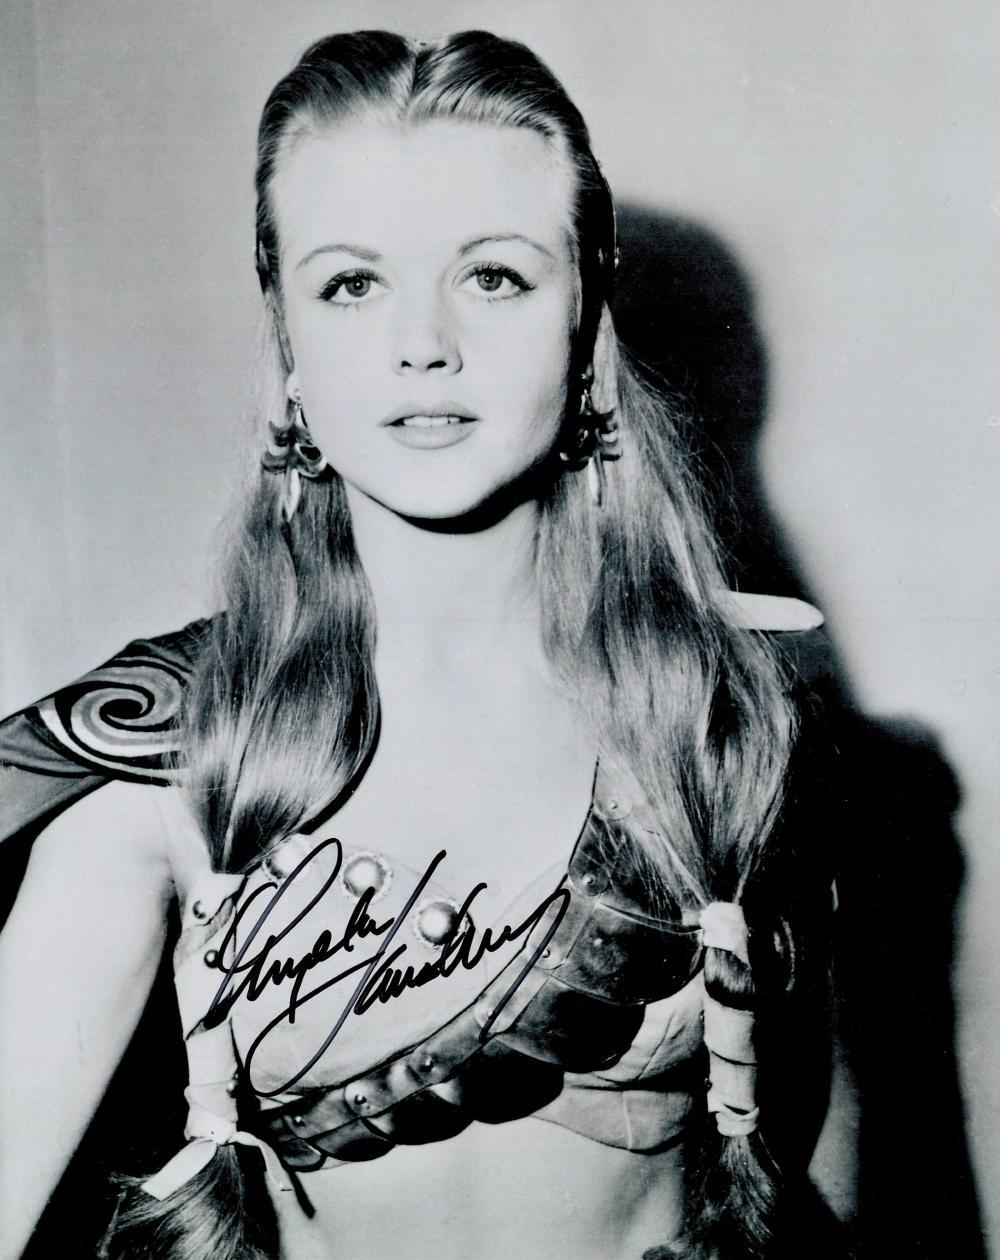 Angela Lansbury signed 10x8 black and white photograph